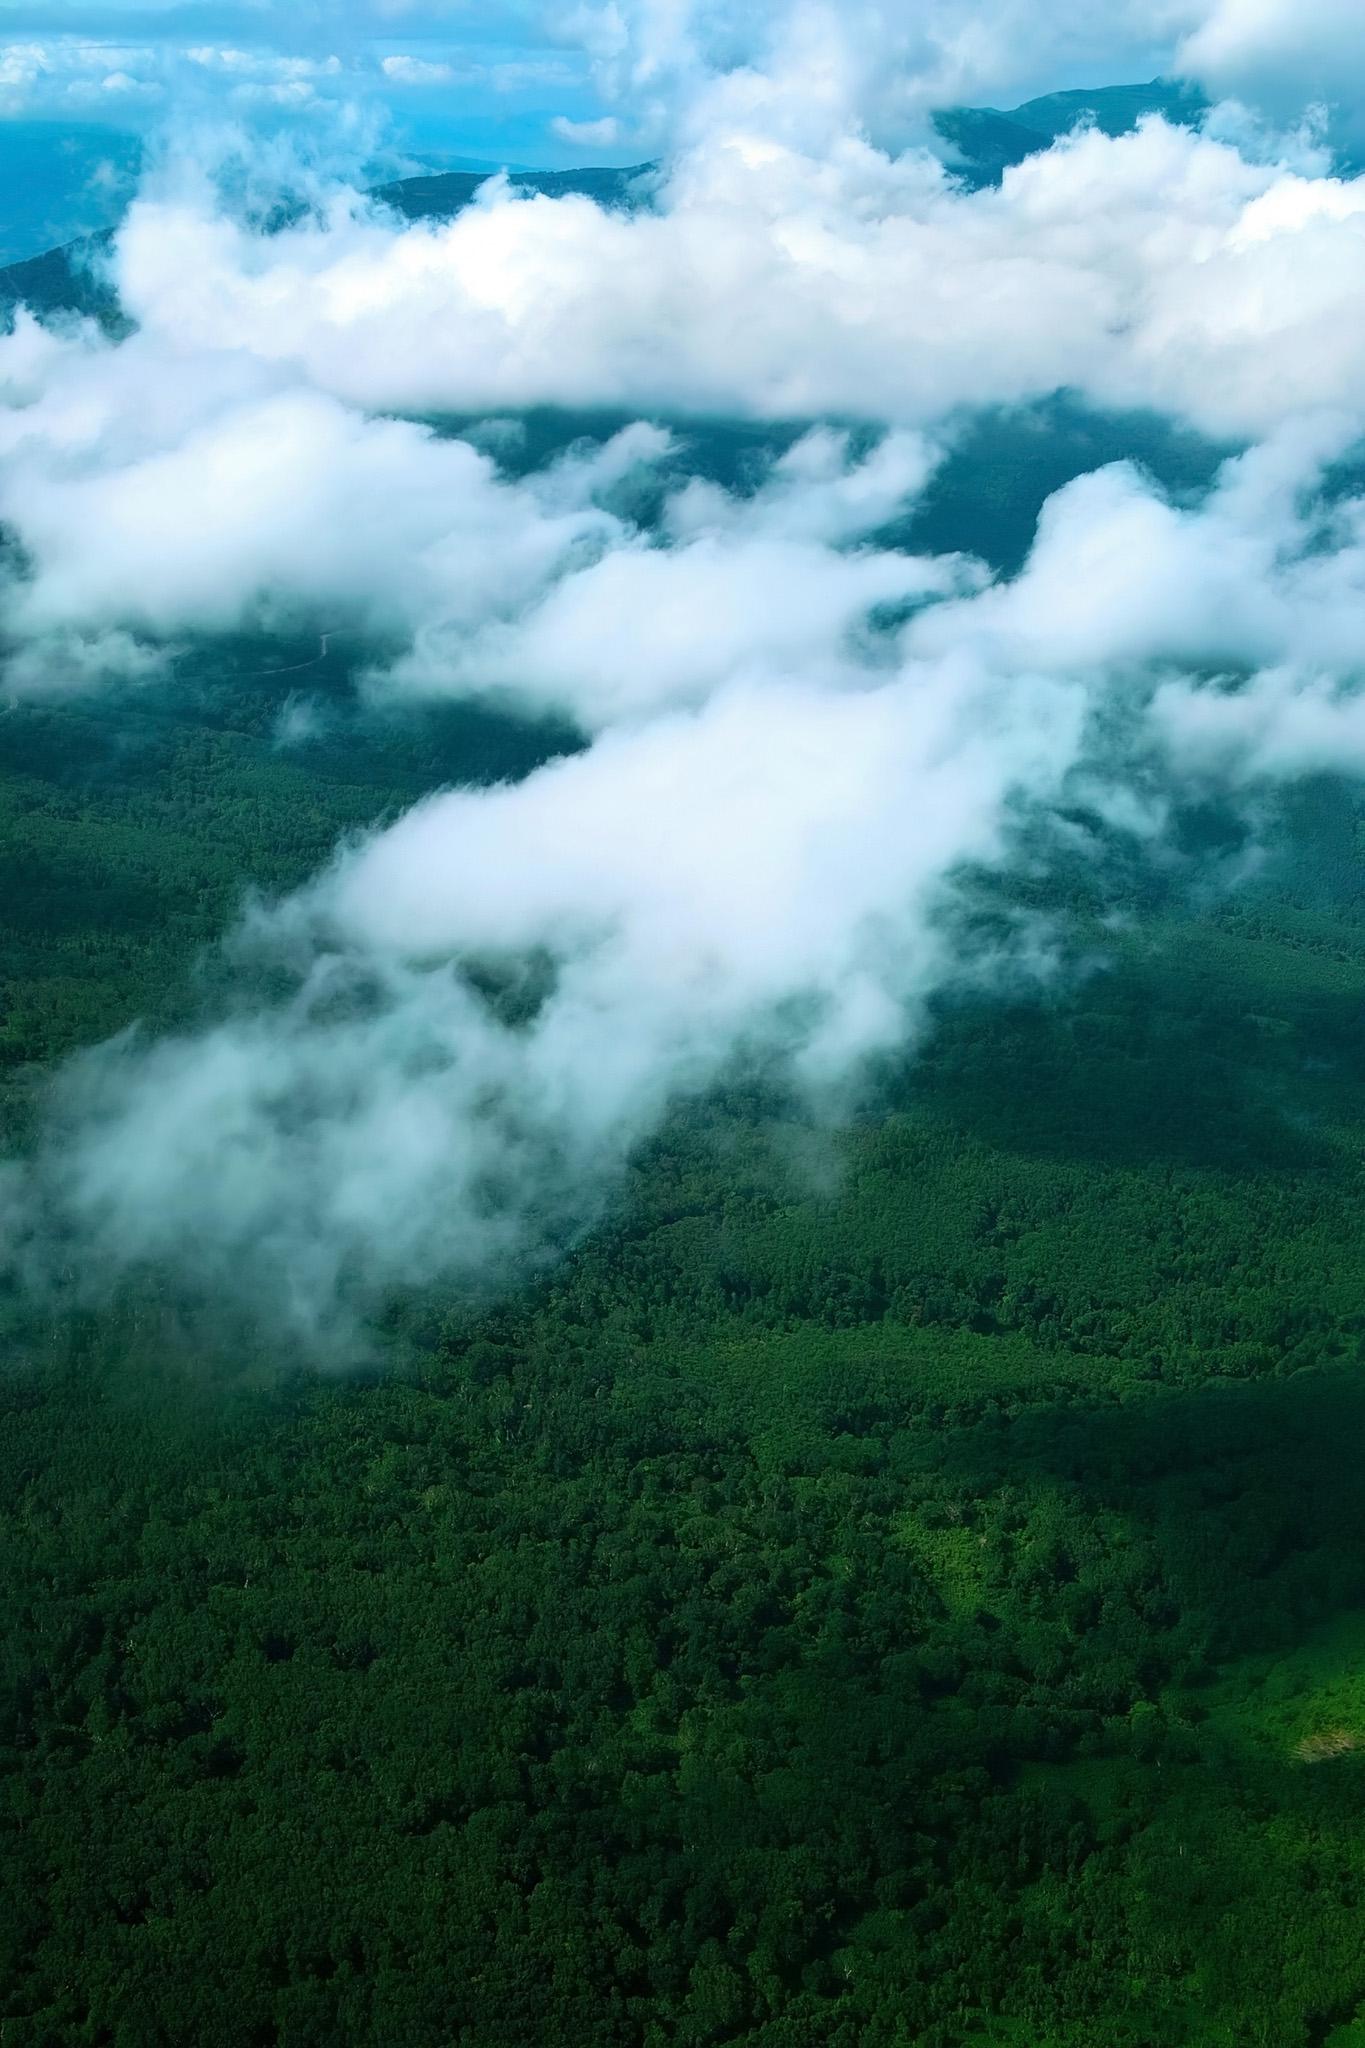 「雲の下に見える広大な森」の素材を無料ダウンロード